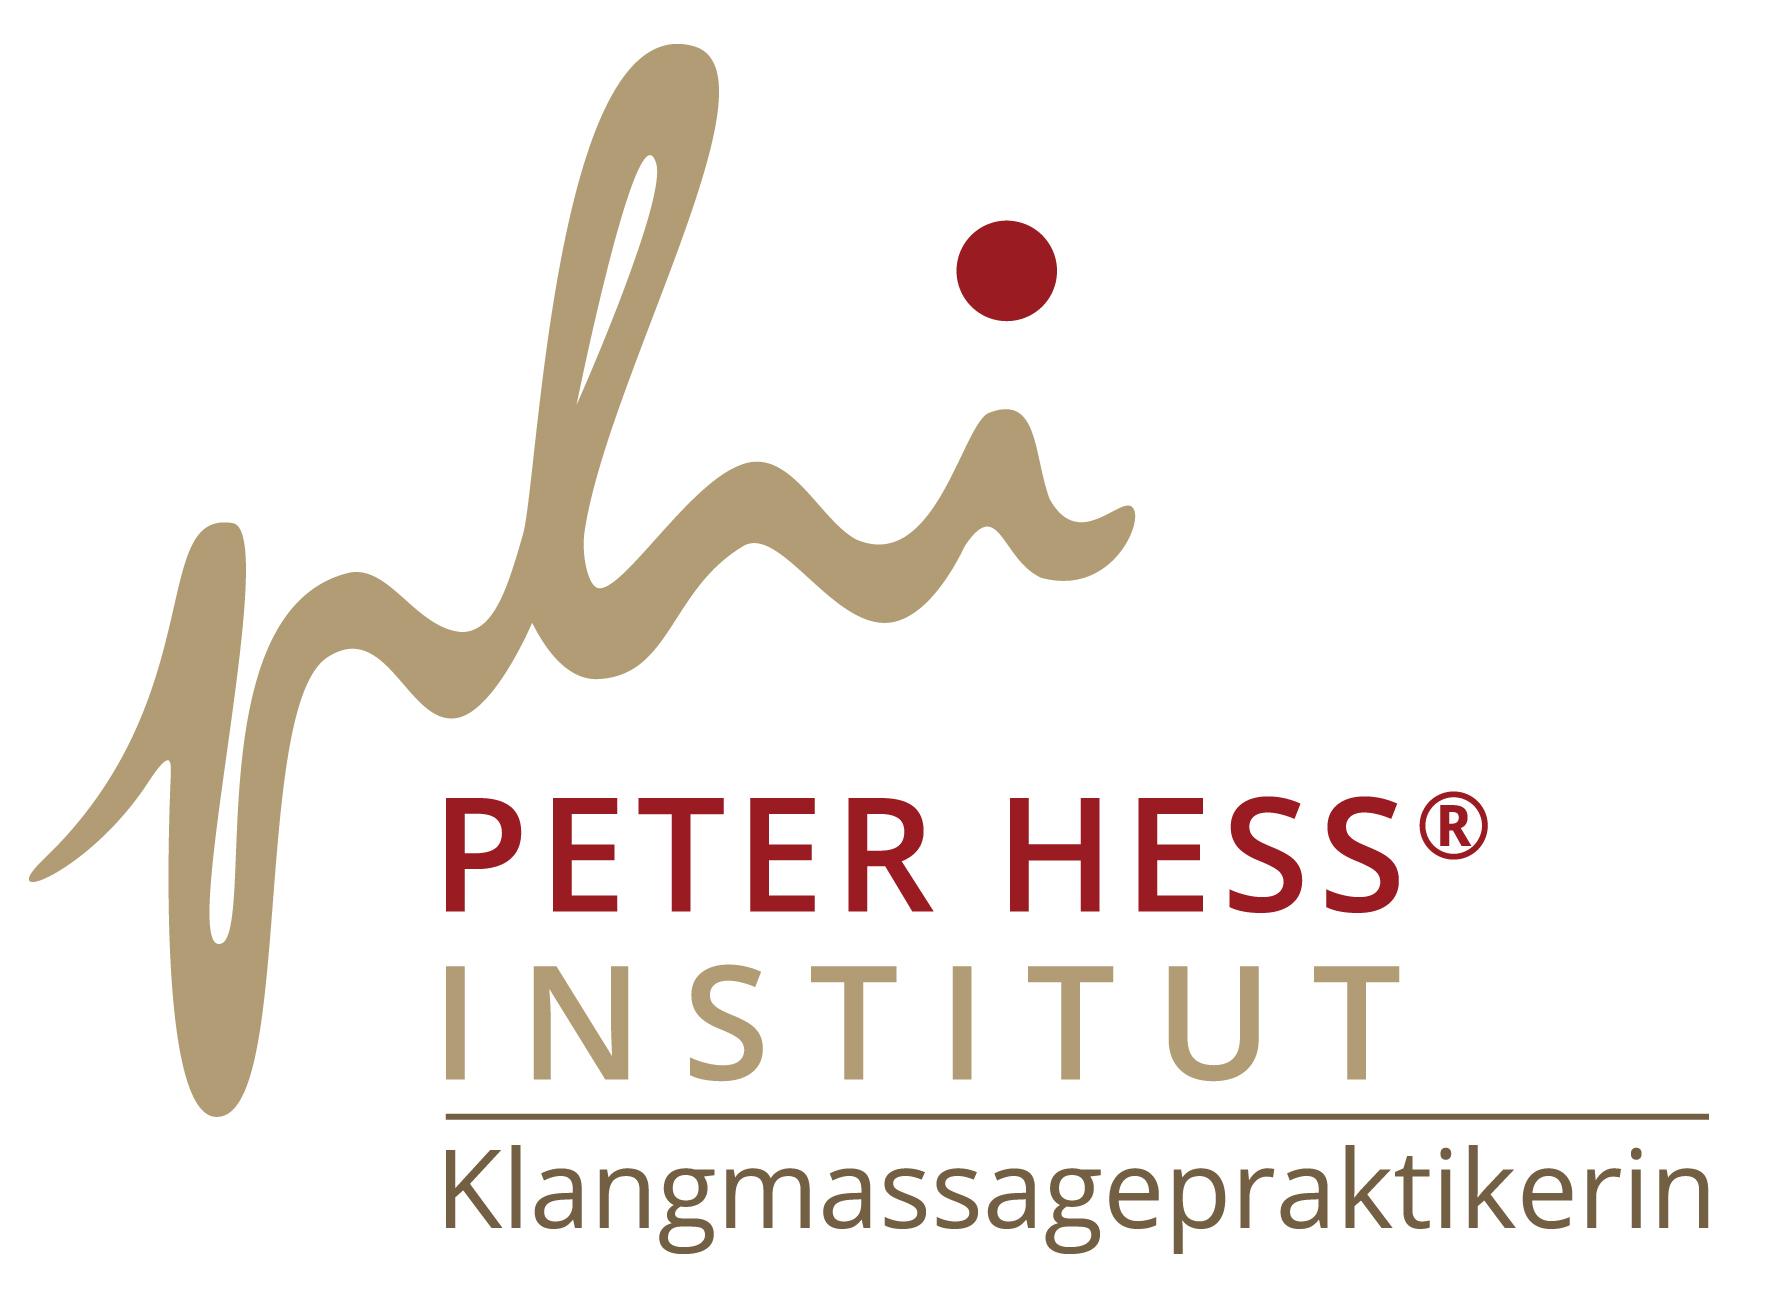 Logo Klangmassagepraktikerin Peter Hess Institut